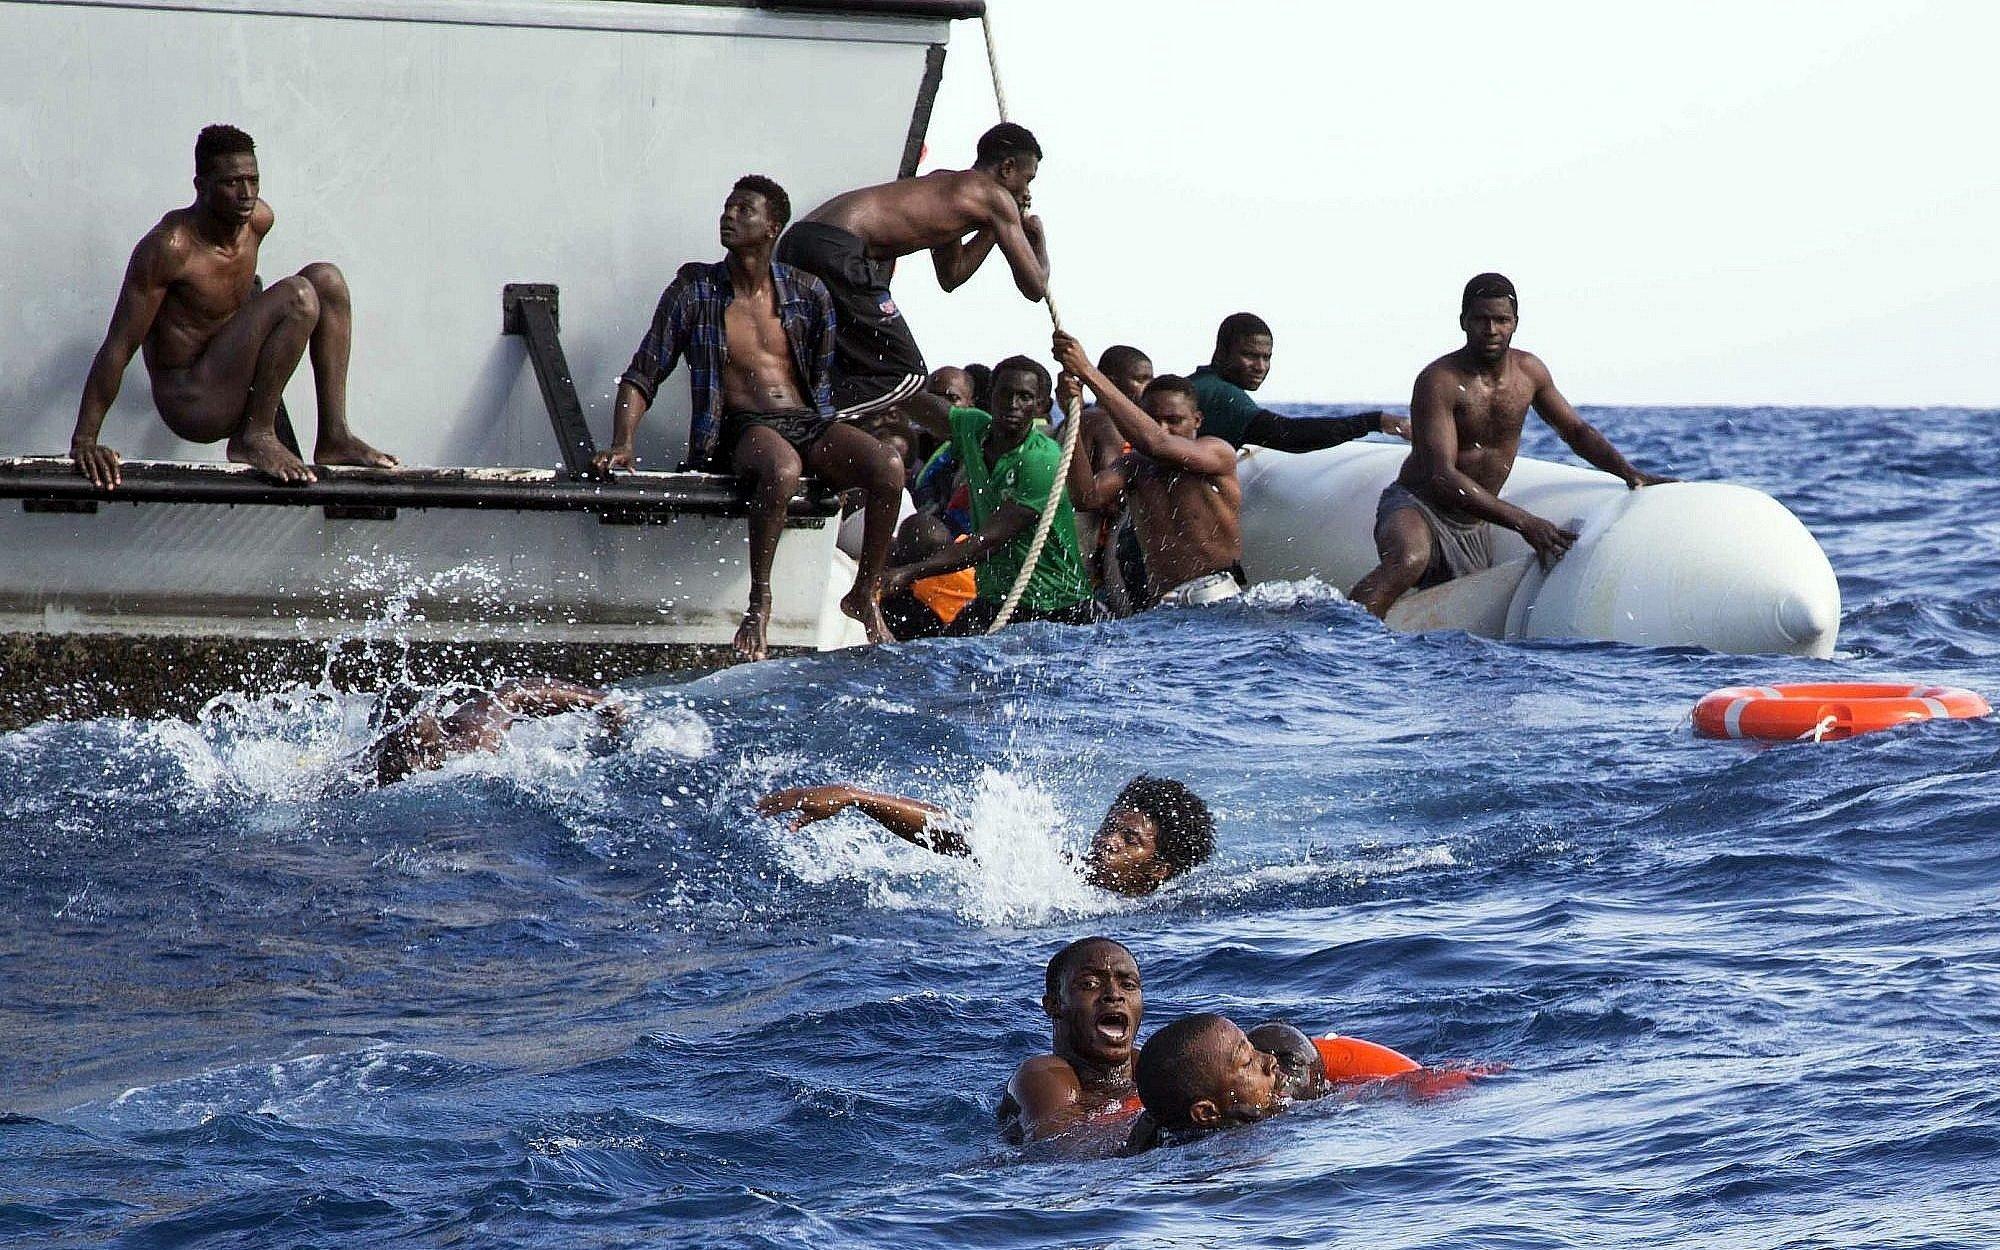 A list of heartbreak: Newspaper tallies 33,293 dead migrants | The ...